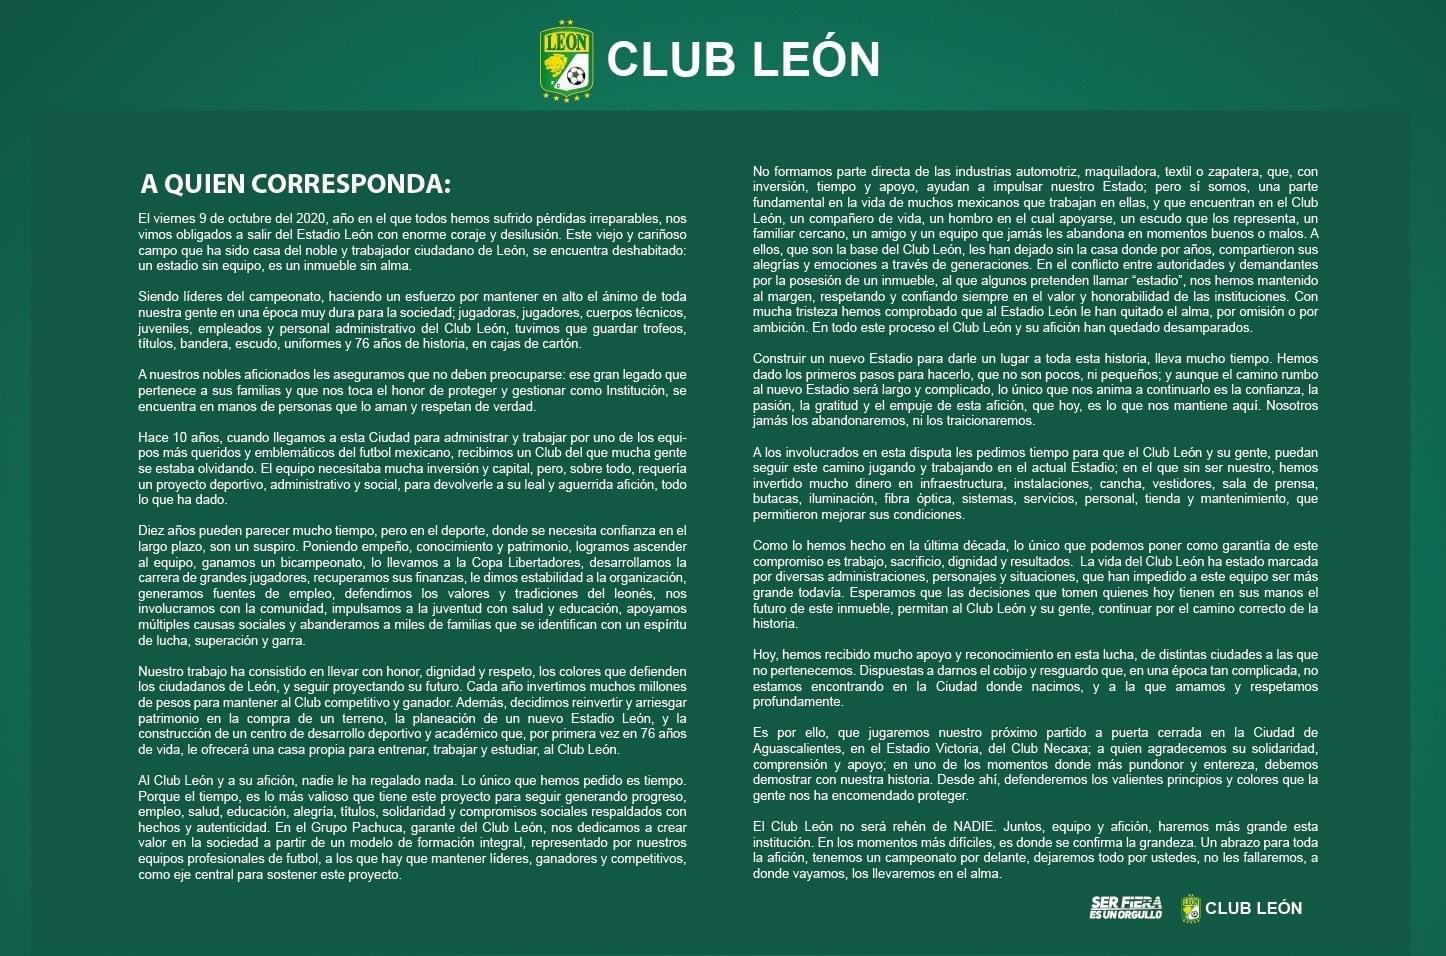 El comunicado del Club León.